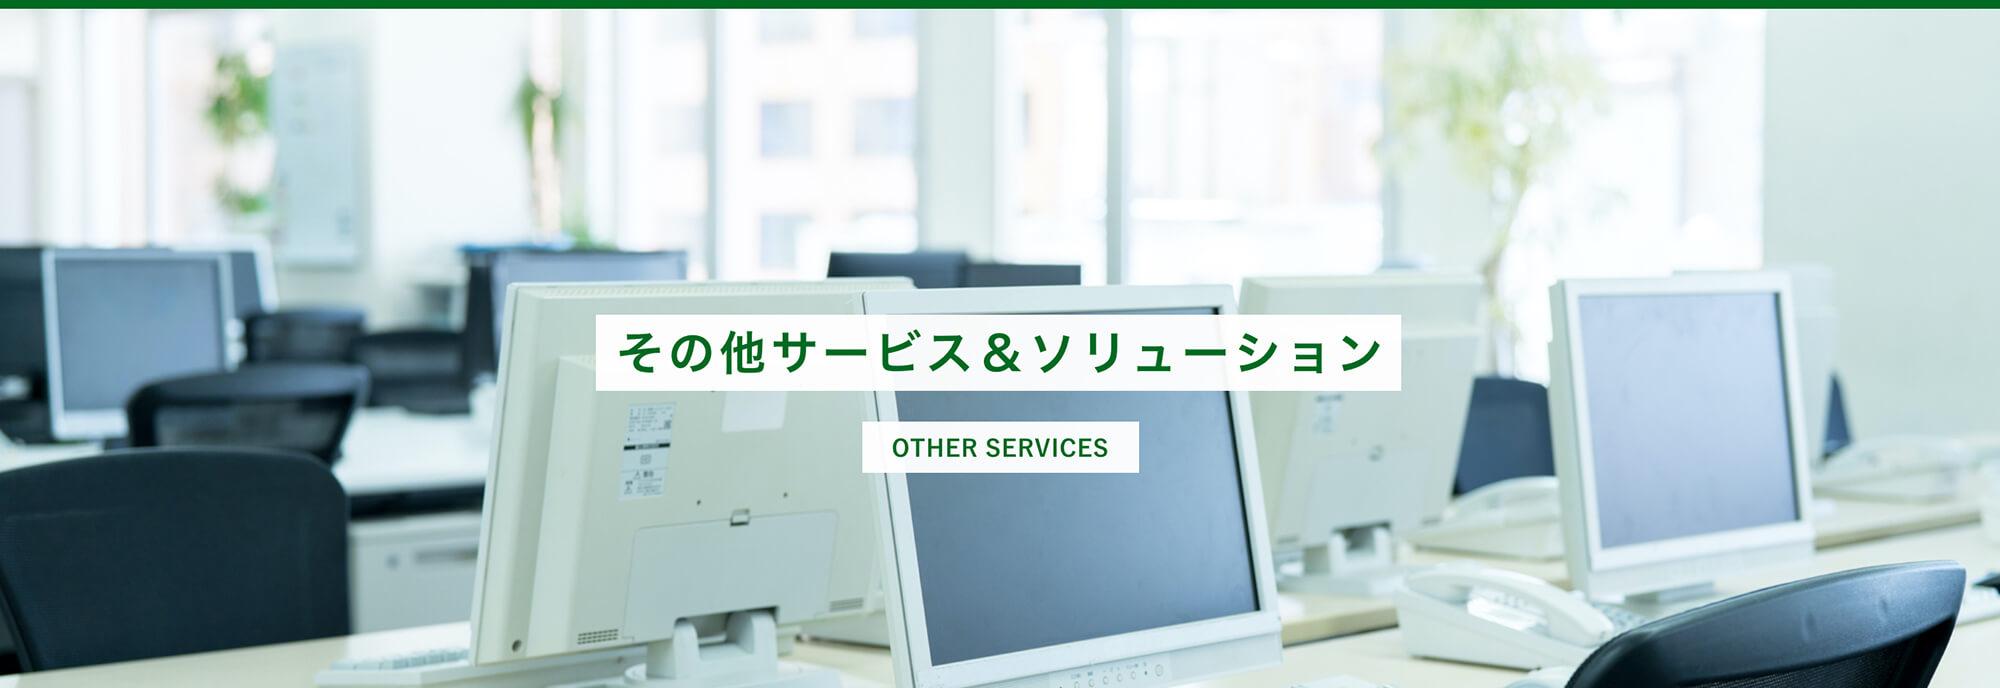 その他サービス&ソリューション